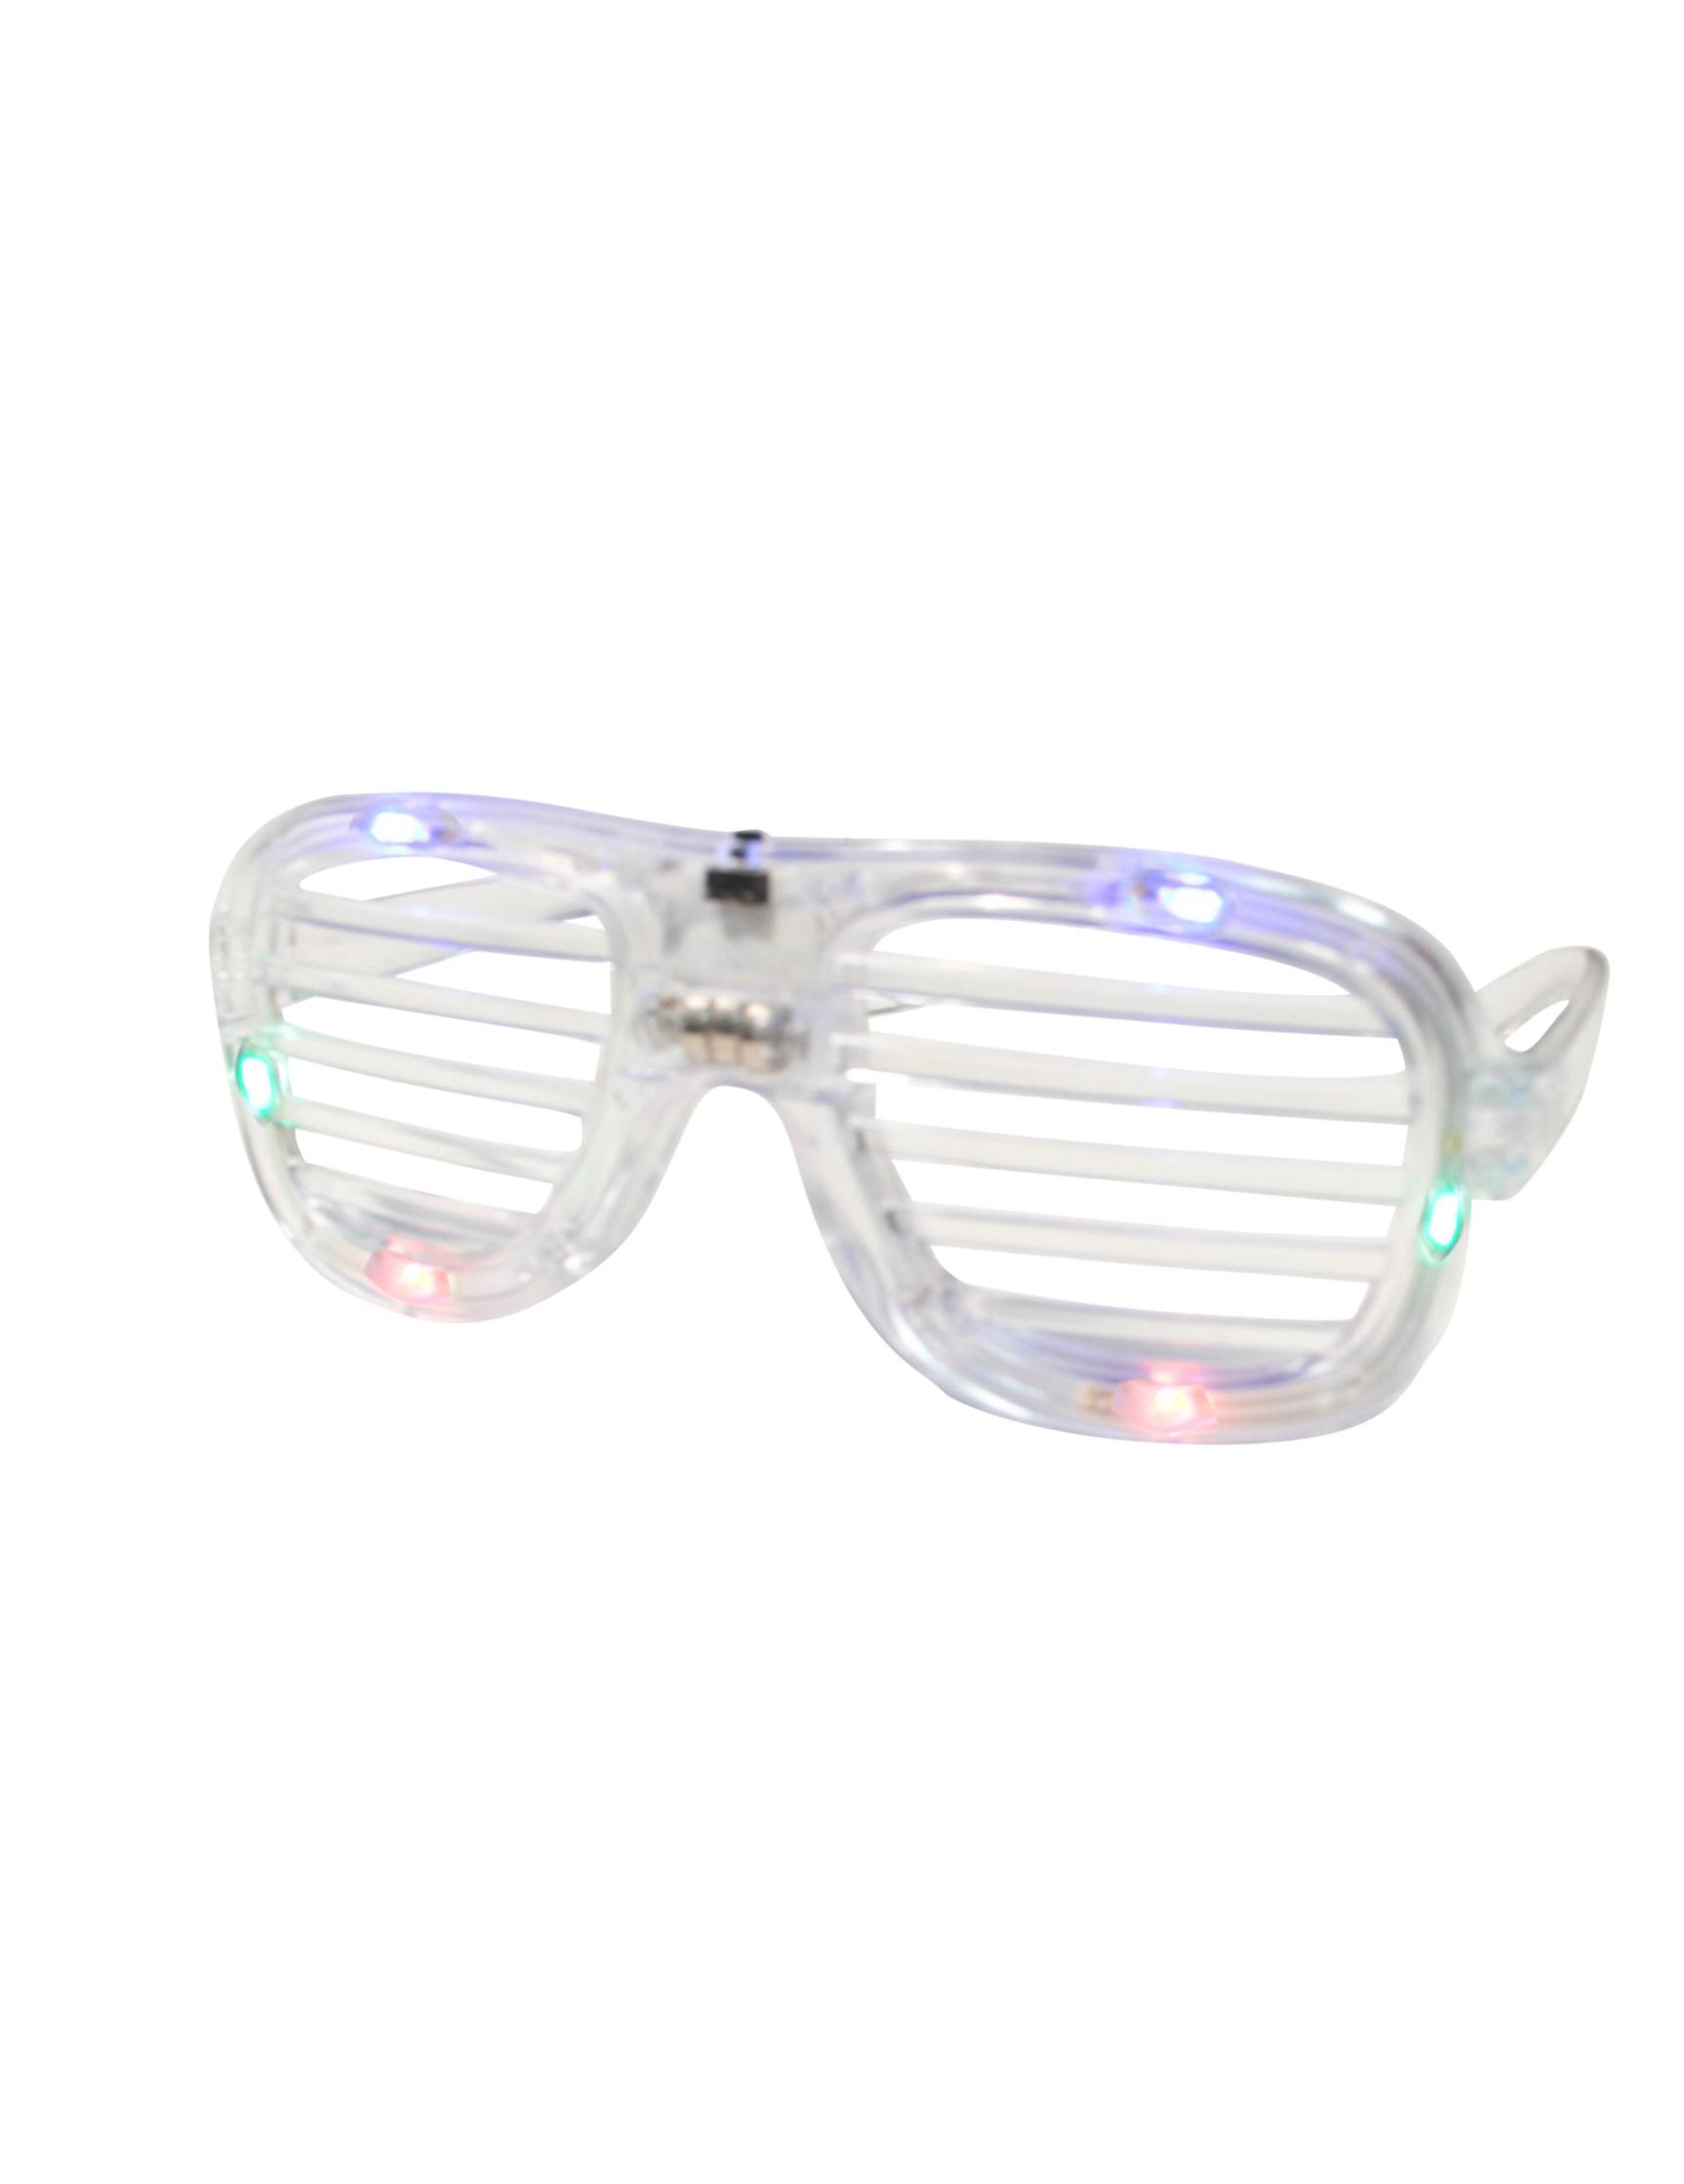 lunette transparente led achat de accessoires sur. Black Bedroom Furniture Sets. Home Design Ideas